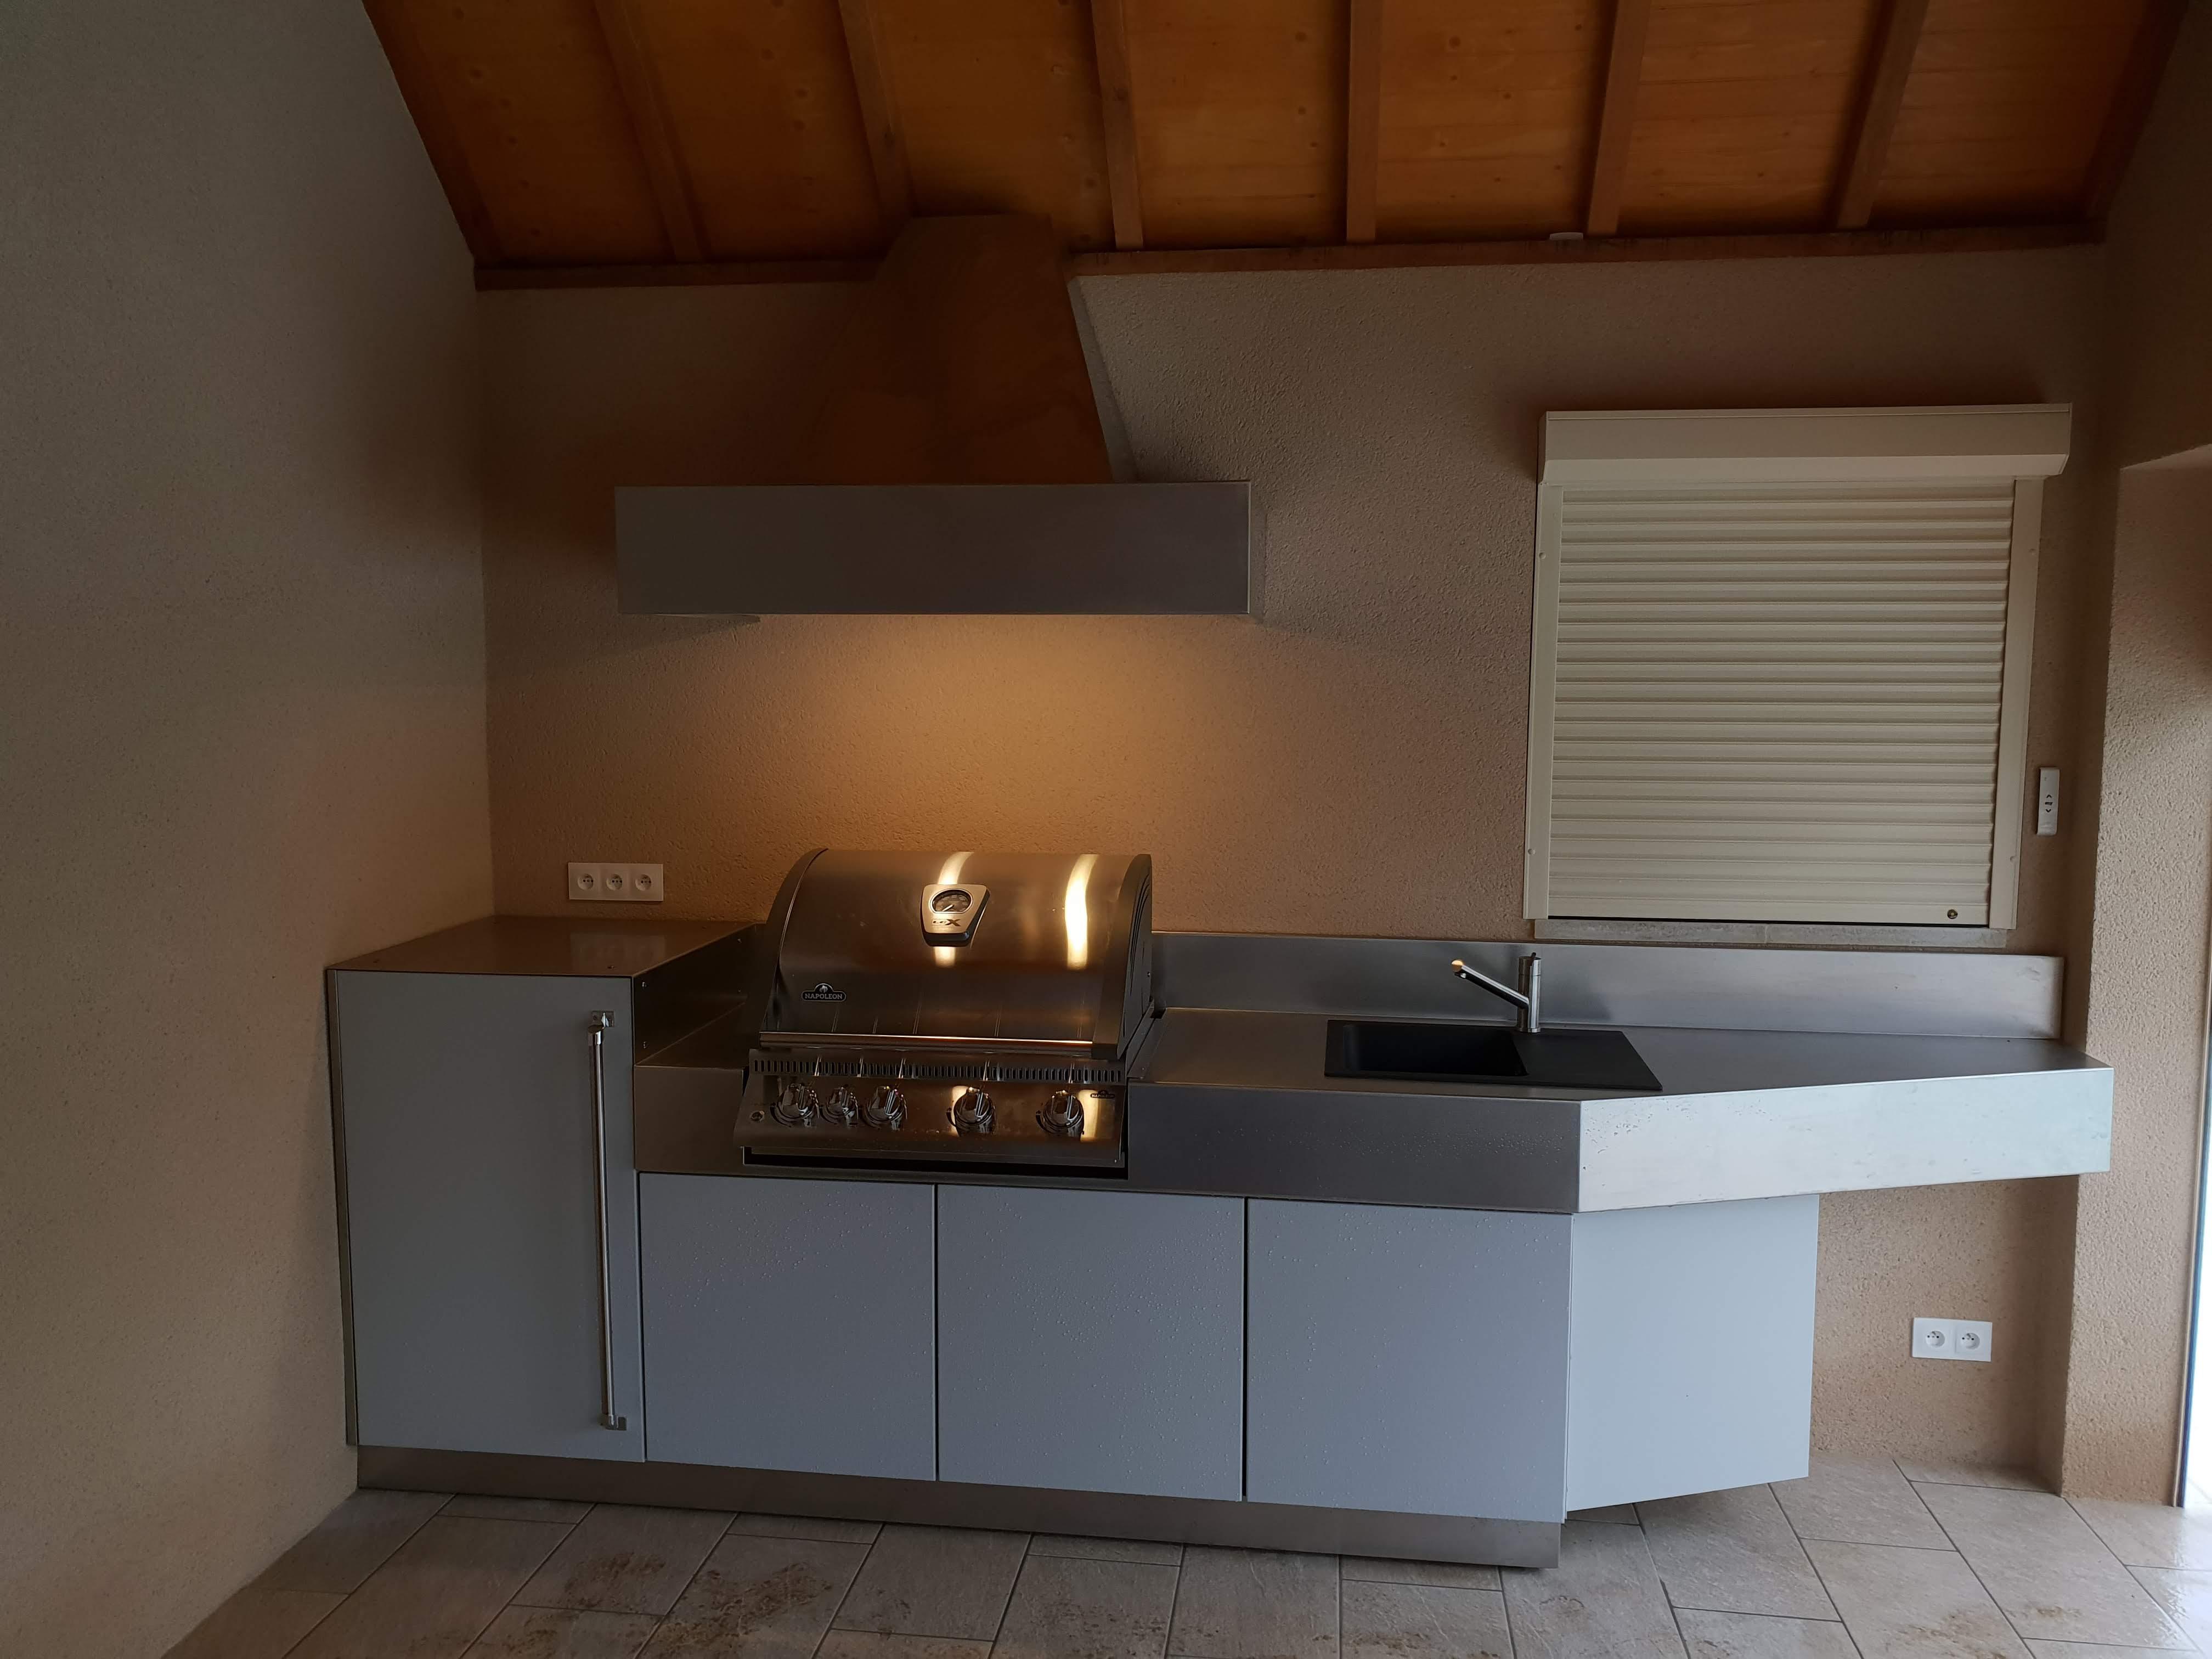 inspirations via des photos de cuisines outdoor atlantic. Black Bedroom Furniture Sets. Home Design Ideas